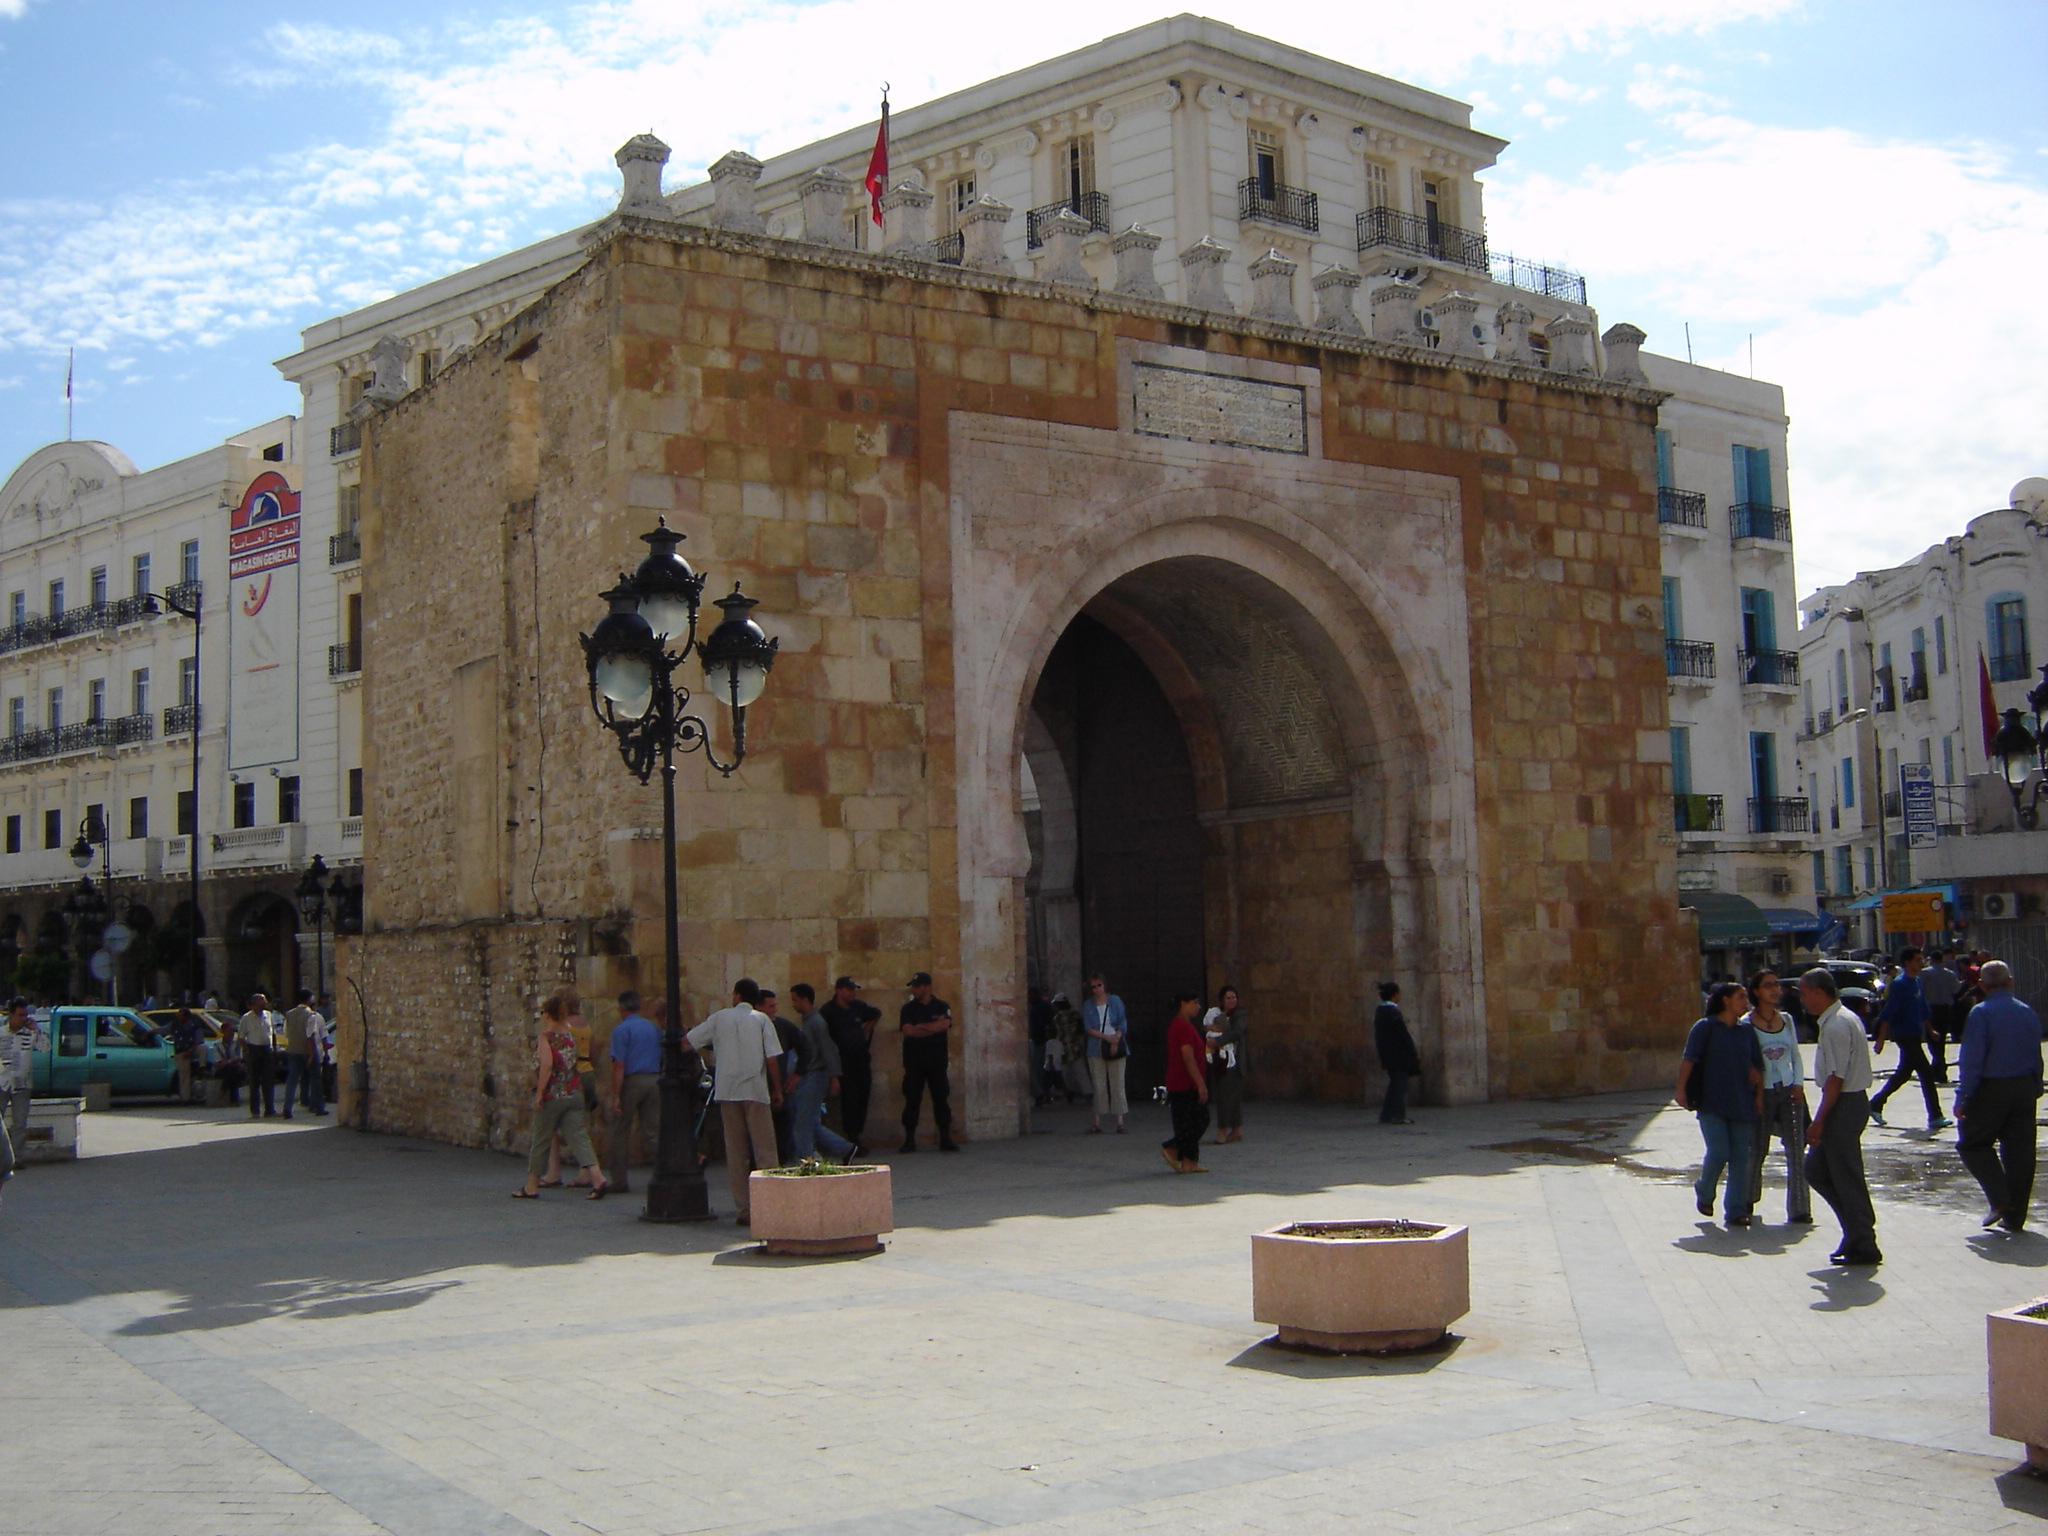 Bab El Bhar gate